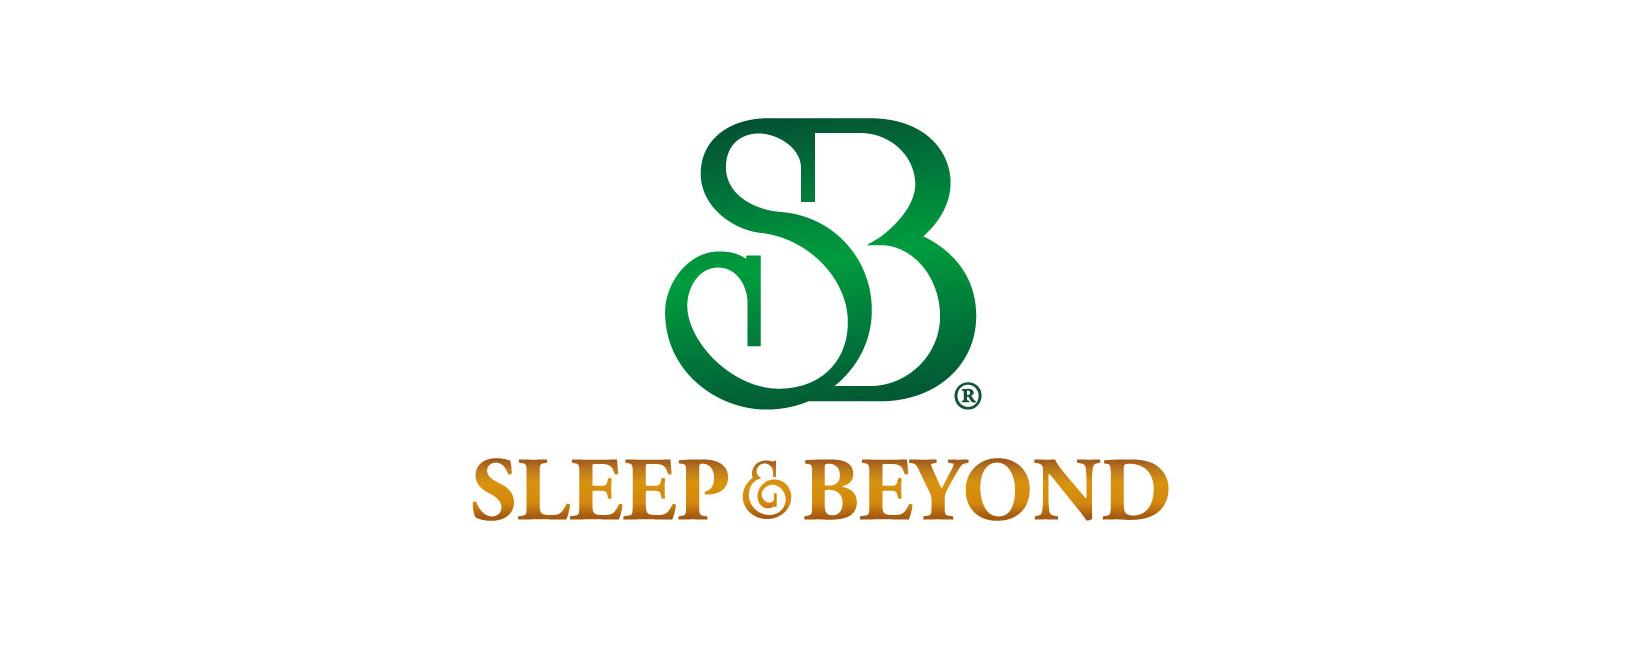 Sleep And Beyond Coupon Code 2021